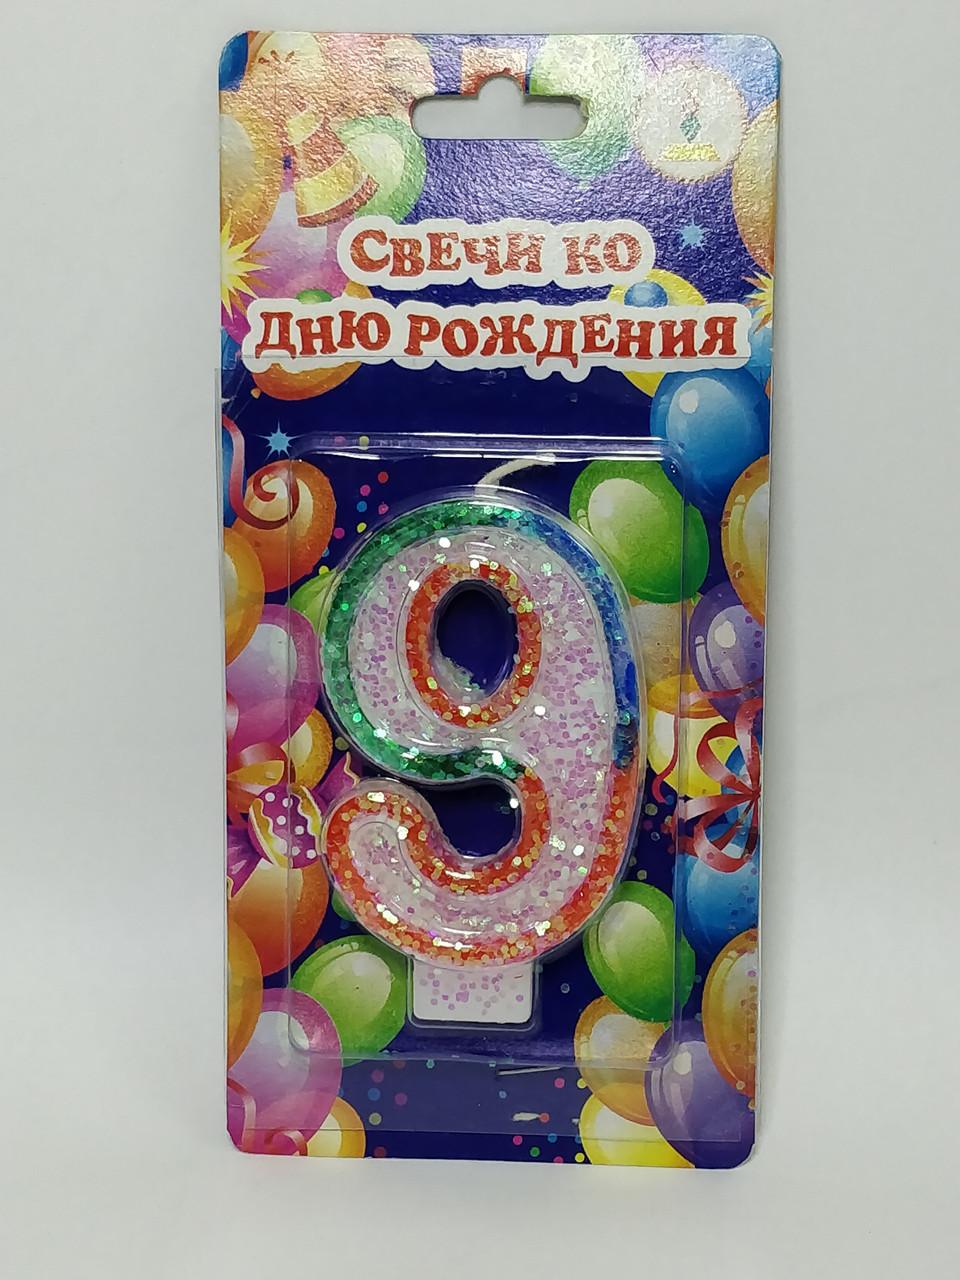 """Свечи ко дню рождения цифра """"9"""" высота 7 см с цветной окантовкой"""